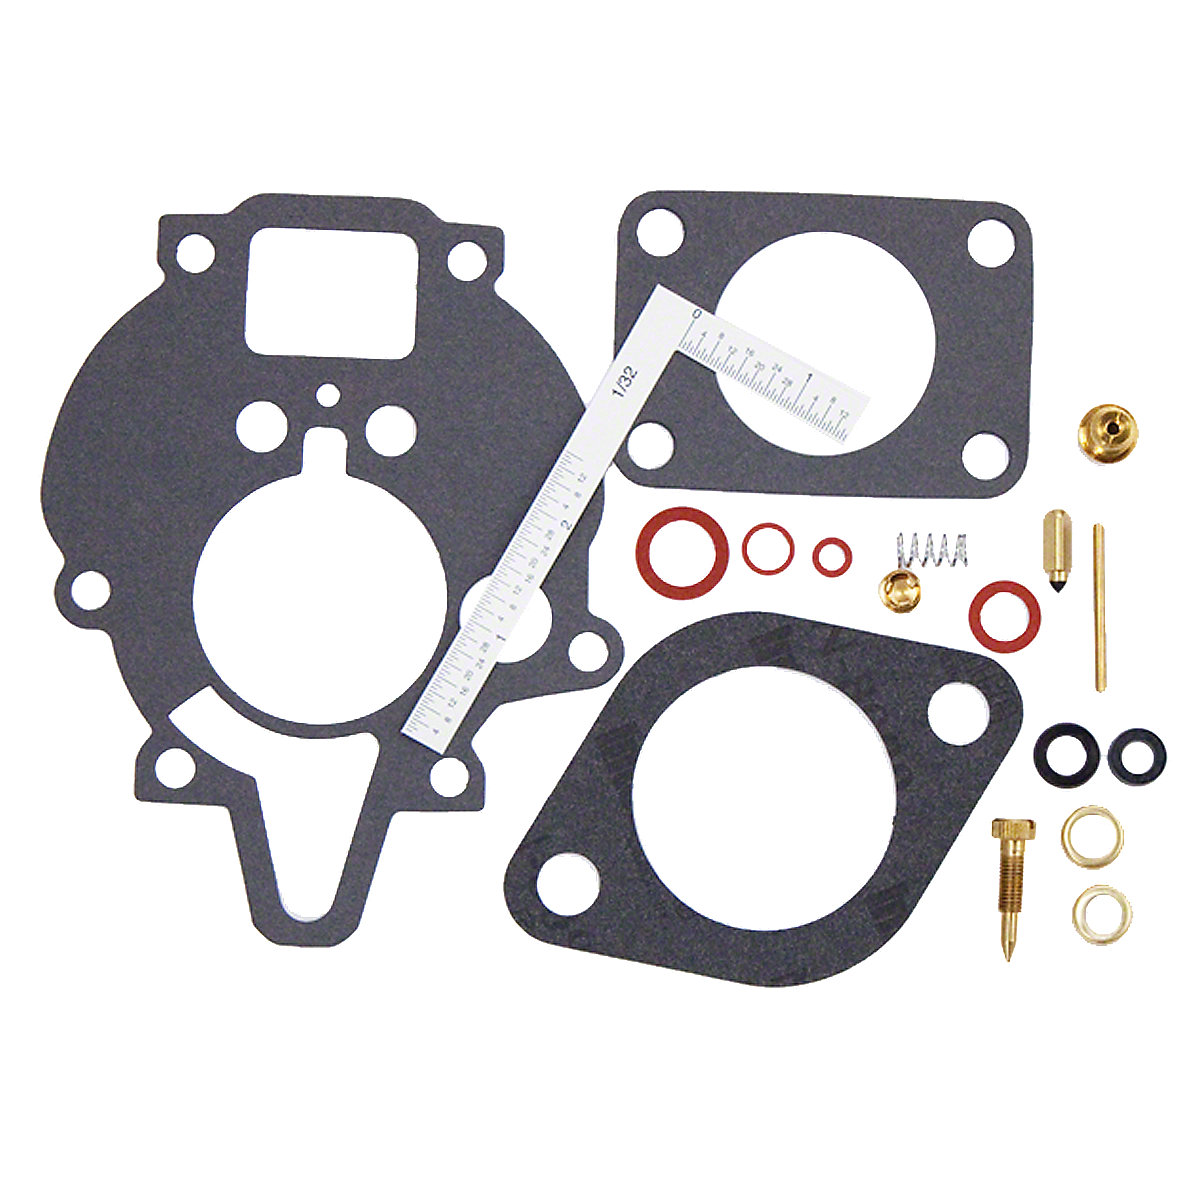 John deere abc1306 economy carburetor repair kit zenith